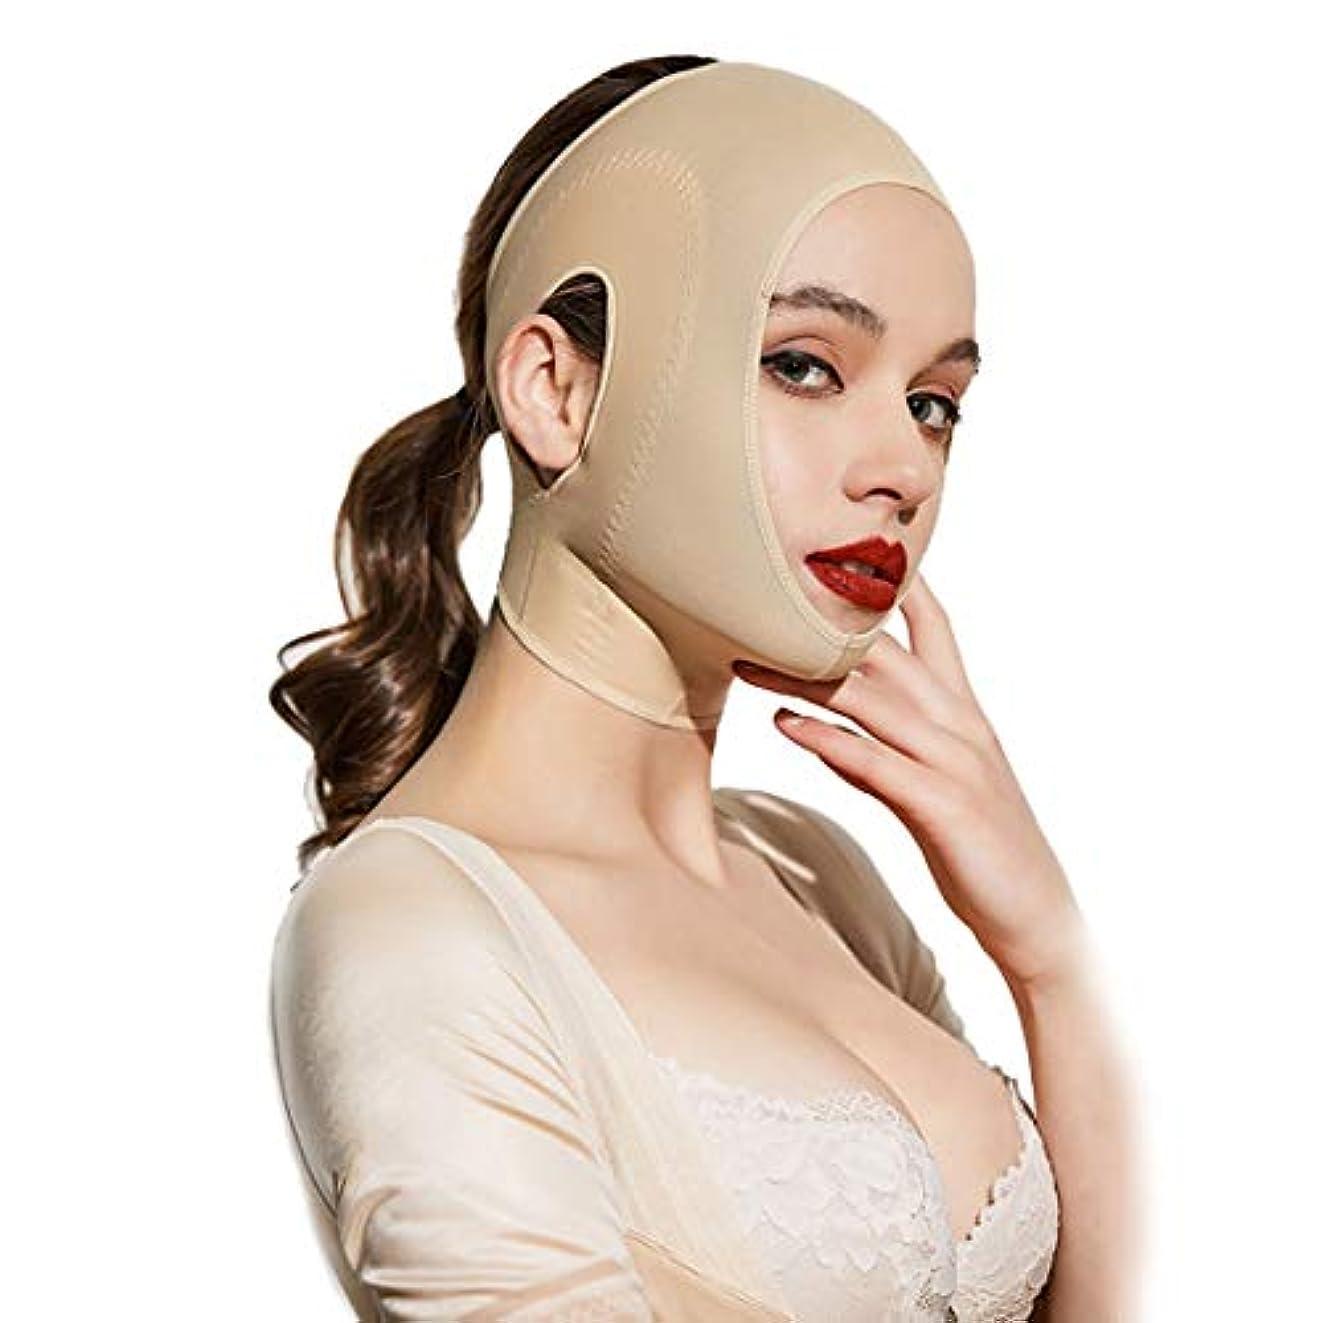 ペインギリック子供っぽいゴムZWBD フェイスマスク, 薄い顔包帯睡眠ステッカー包帯V顔引き締め垂れ顔ダブルあご薄い一口筋肉整形マスク (Size : M)